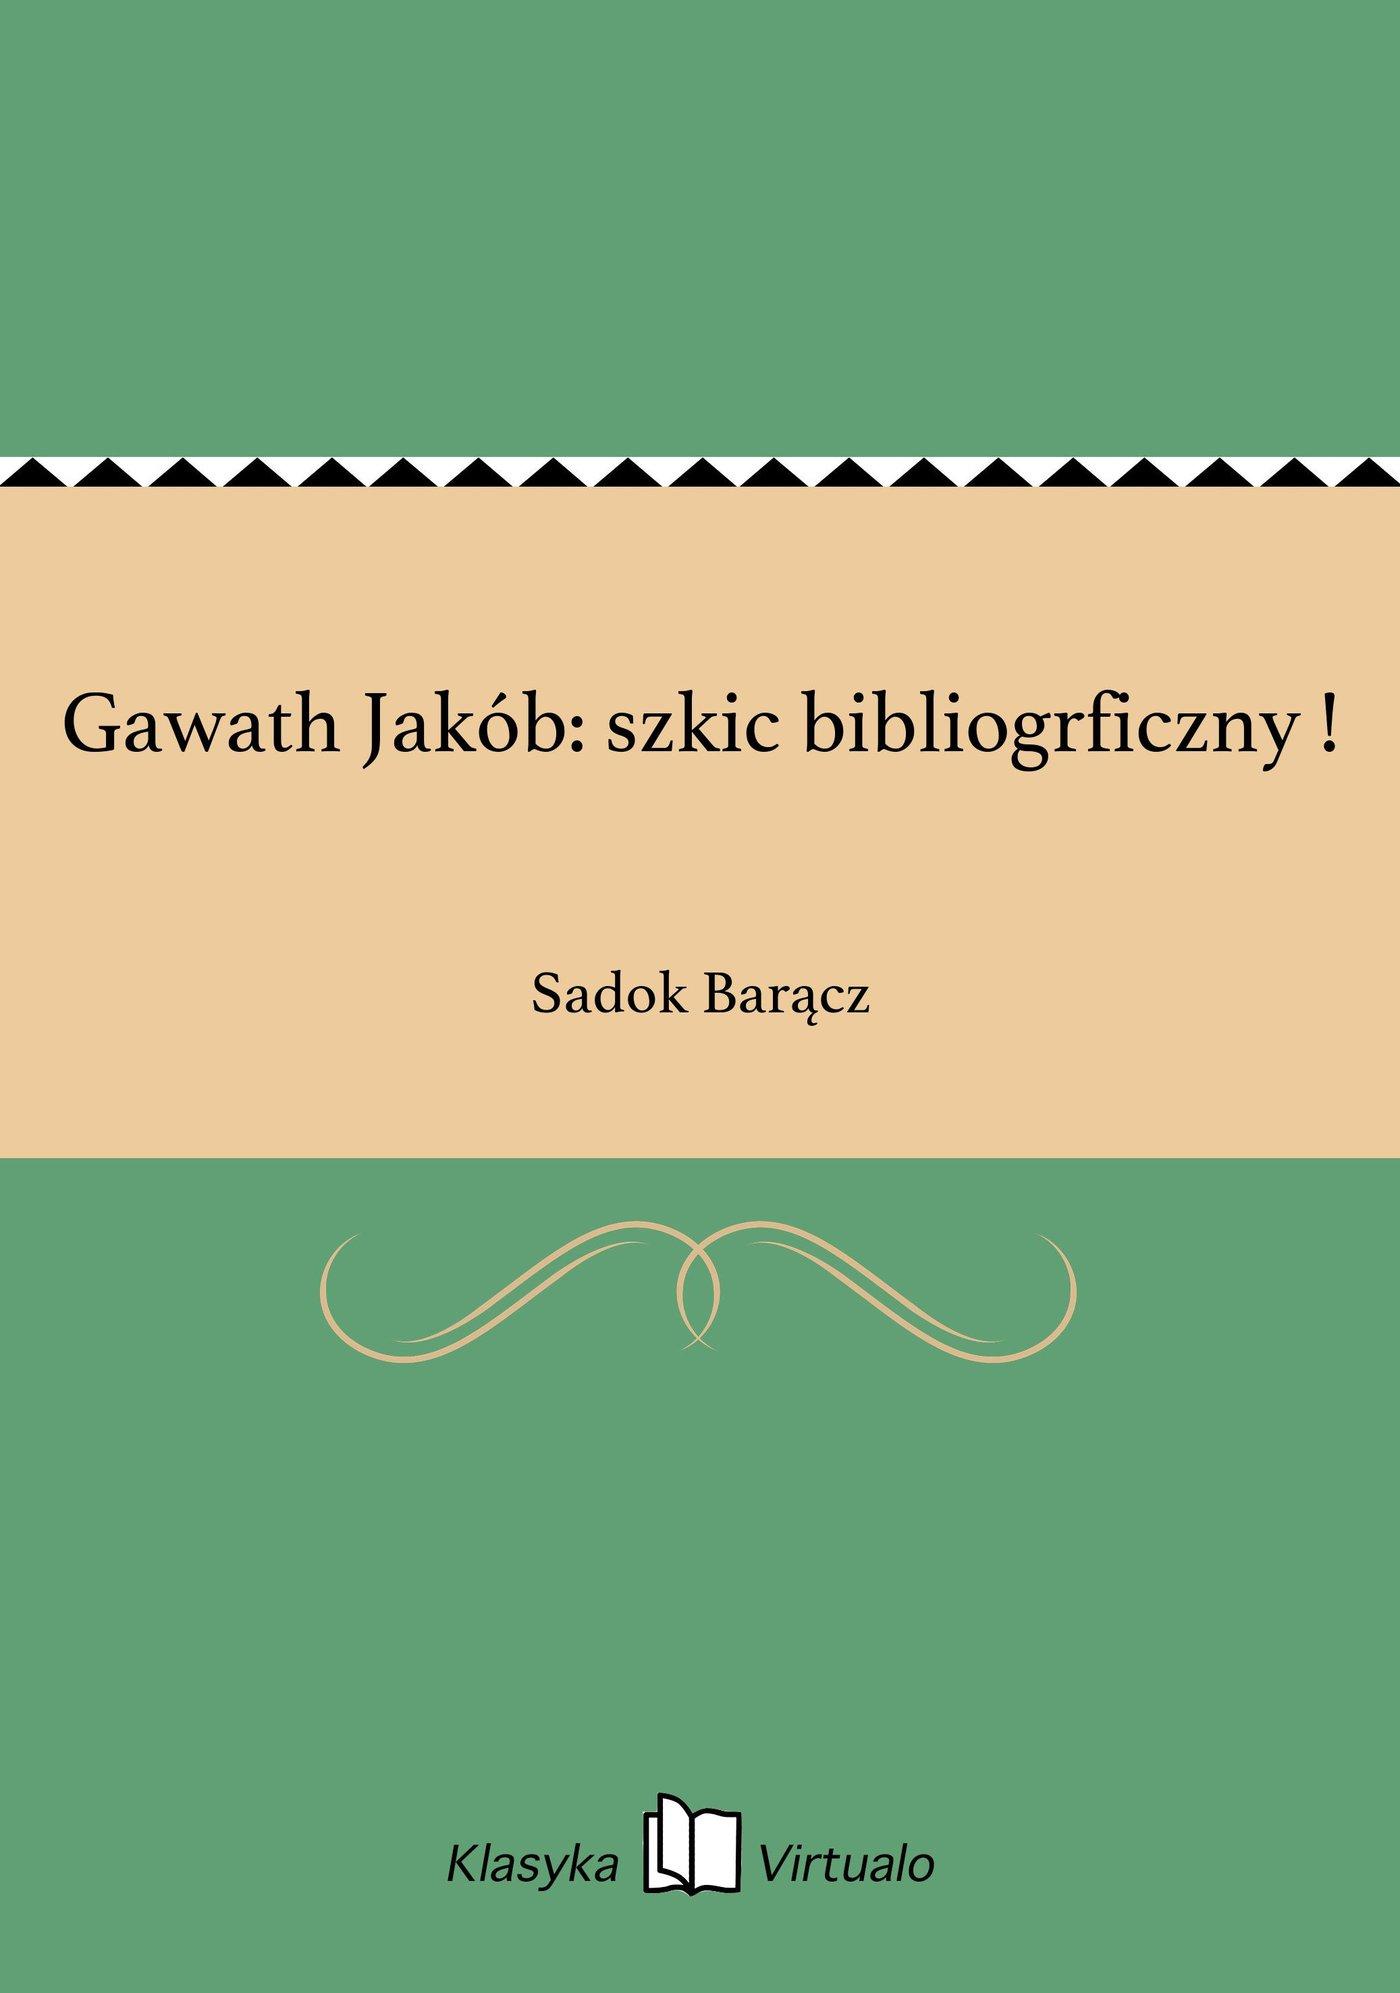 Gawath Jakób: szkic bibliogrficzny ! - Ebook (Książka na Kindle) do pobrania w formacie MOBI